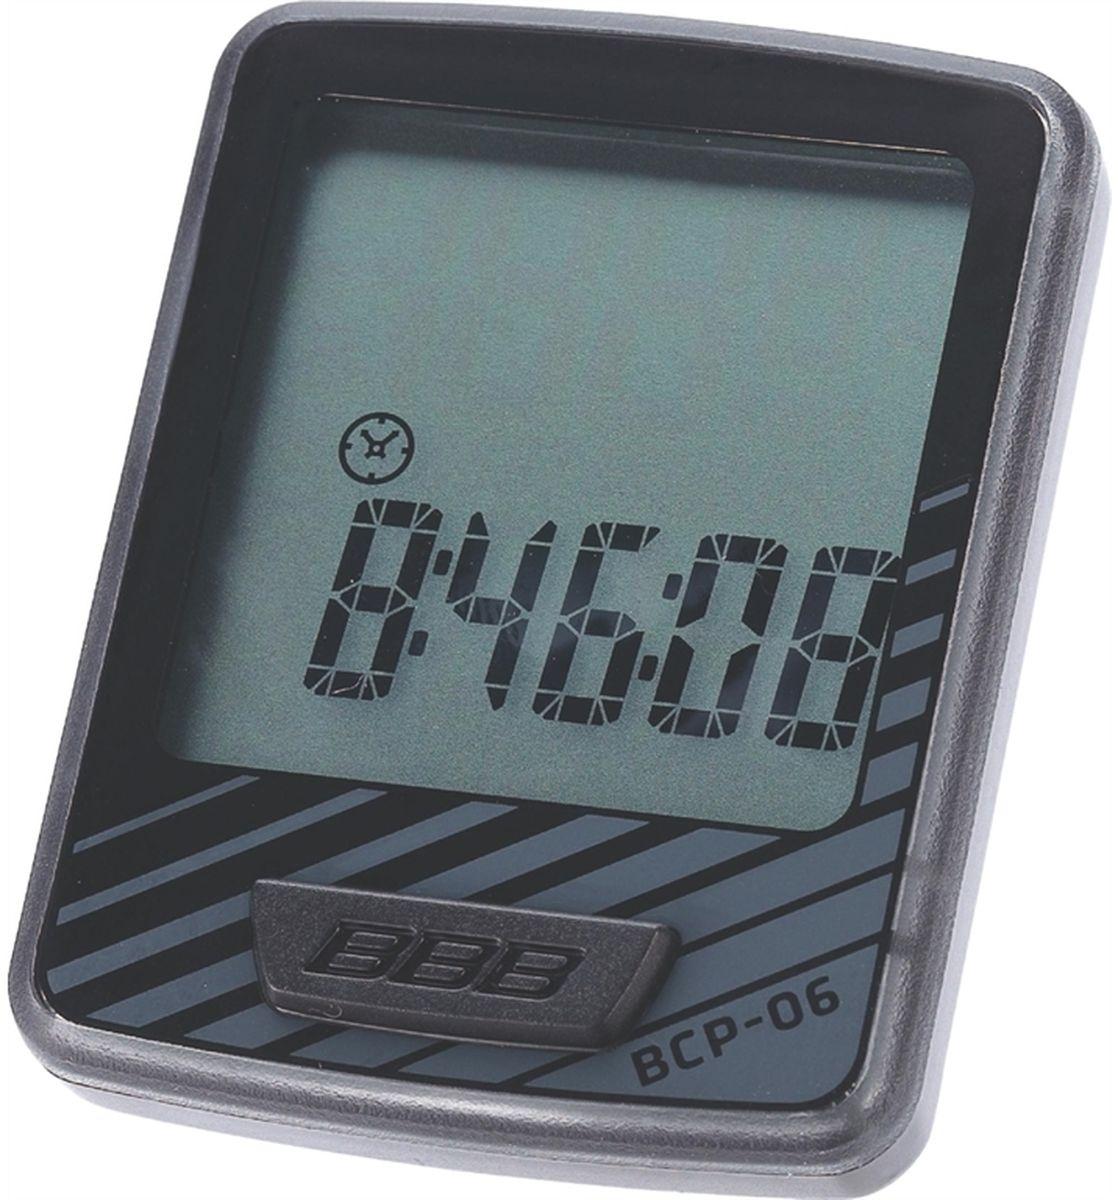 Велокомпьютер BBB DashBoard , 10 функций, цвет: черный, серыйBCP-06Велокомпьютер DashBoard стал, в своем роде, образцом для подражания. Появившись в линейке в 2006 году как простой и небольшой велокомпьютер с большим и легкочитаемым экраном, он эволюционировал в любимый прибор велосипедистов, которым нужна простая в использовании вещь без тысячи лишних функций. Когда пришло время обновить DashBoard, мы поставили во главу угла именно простоту дизайна и использования, в то же время, выведя оба этих параметра на новый уровень. Общий размер велокомпьютера уменьшился за счет верхней части корпуса. Но сам размер экрана остался без изменений - 32 на 32мм, позволяющие легко считывать информацию. Управление одной кнопкой также было сохранено в новой версии. Упрощение конструкции осзначает также меньшее количество швов и лучшую влагозащиту. Так что, DashBoard стал лучше, но остался тем же самым верным другом и помочником, что и был. Проводной компьютер с 10 функциями: Текущая скорость Расстояние поездки Одометр ...